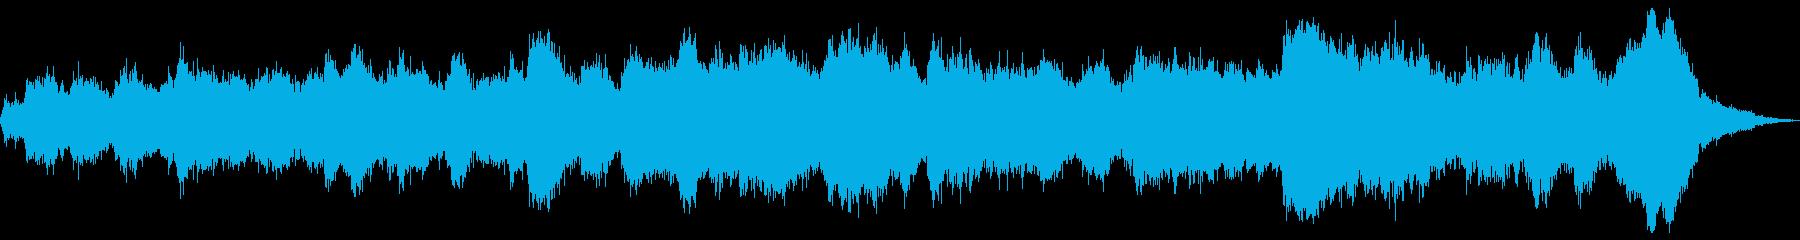 ホラーなアンビエント曲ですの再生済みの波形